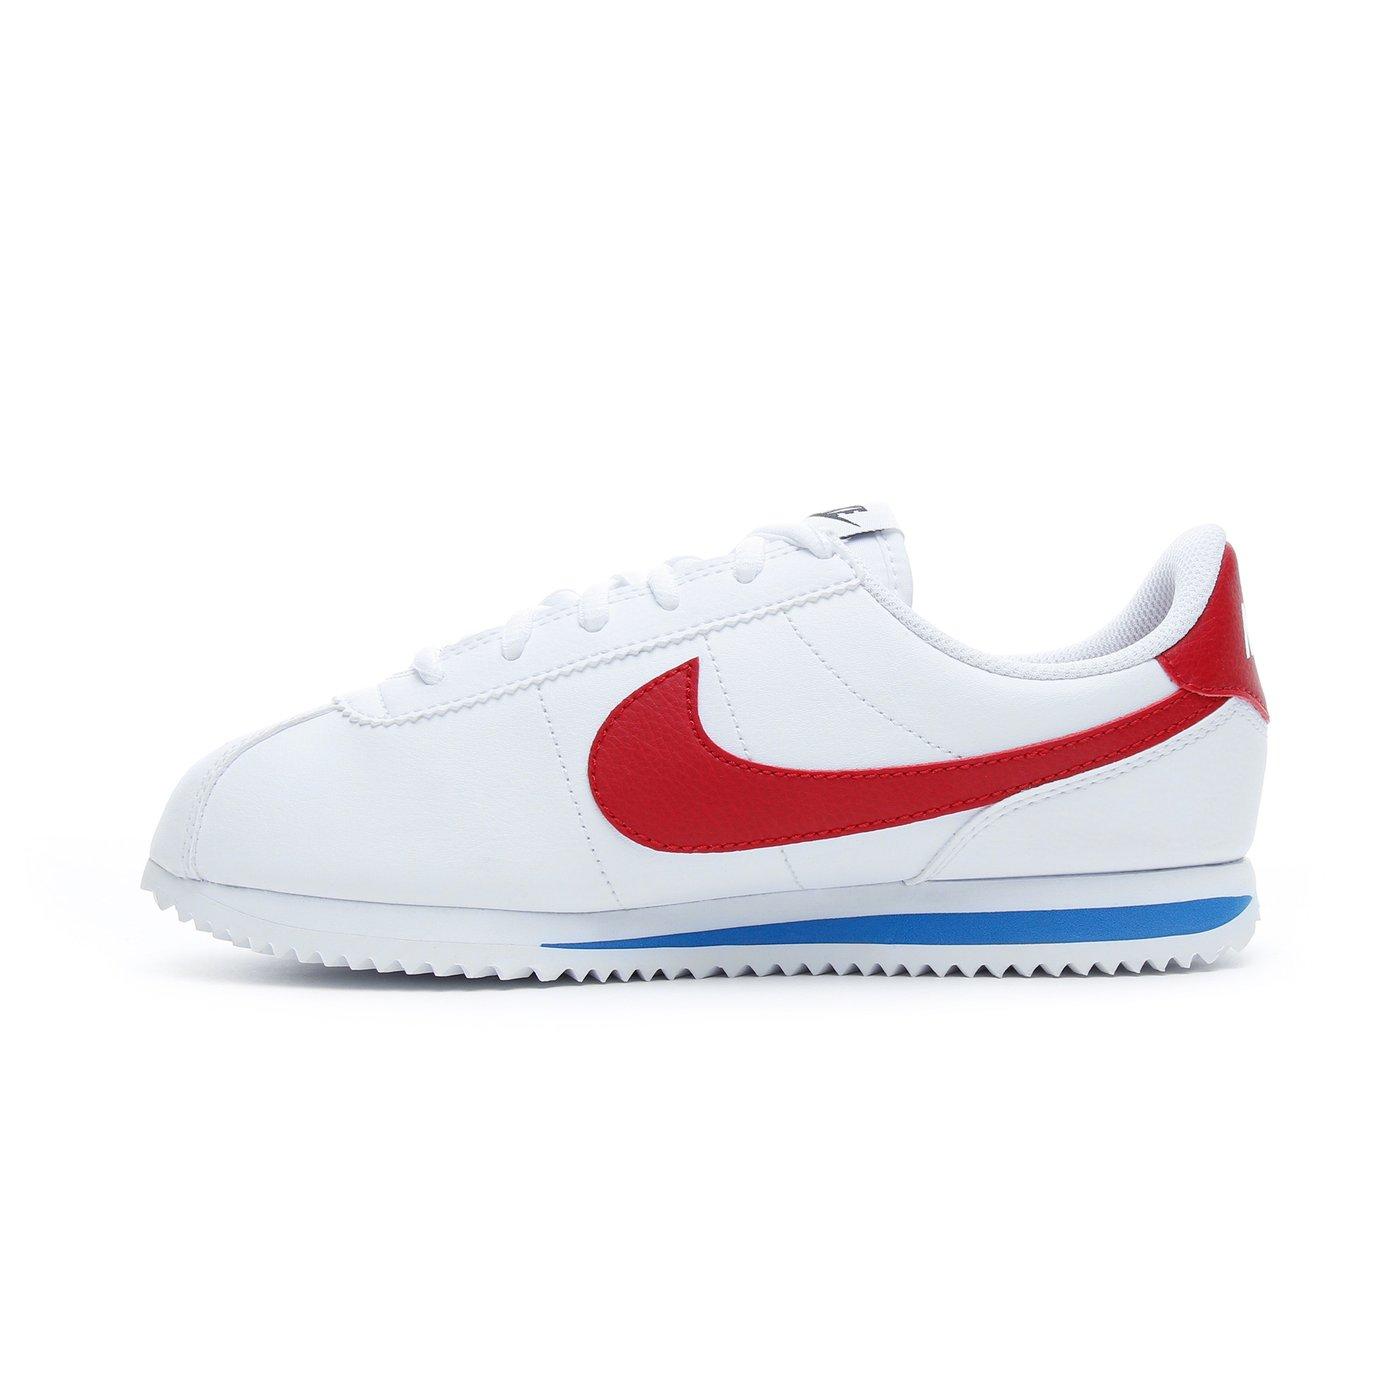 Gimnasia estoy sediento Retener  Nike Cortez Basic SL Kadın Beyaz Spor Ayakkabı Kadın Spor Ayakkabı &  Sneaker 3542125 | SuperStep